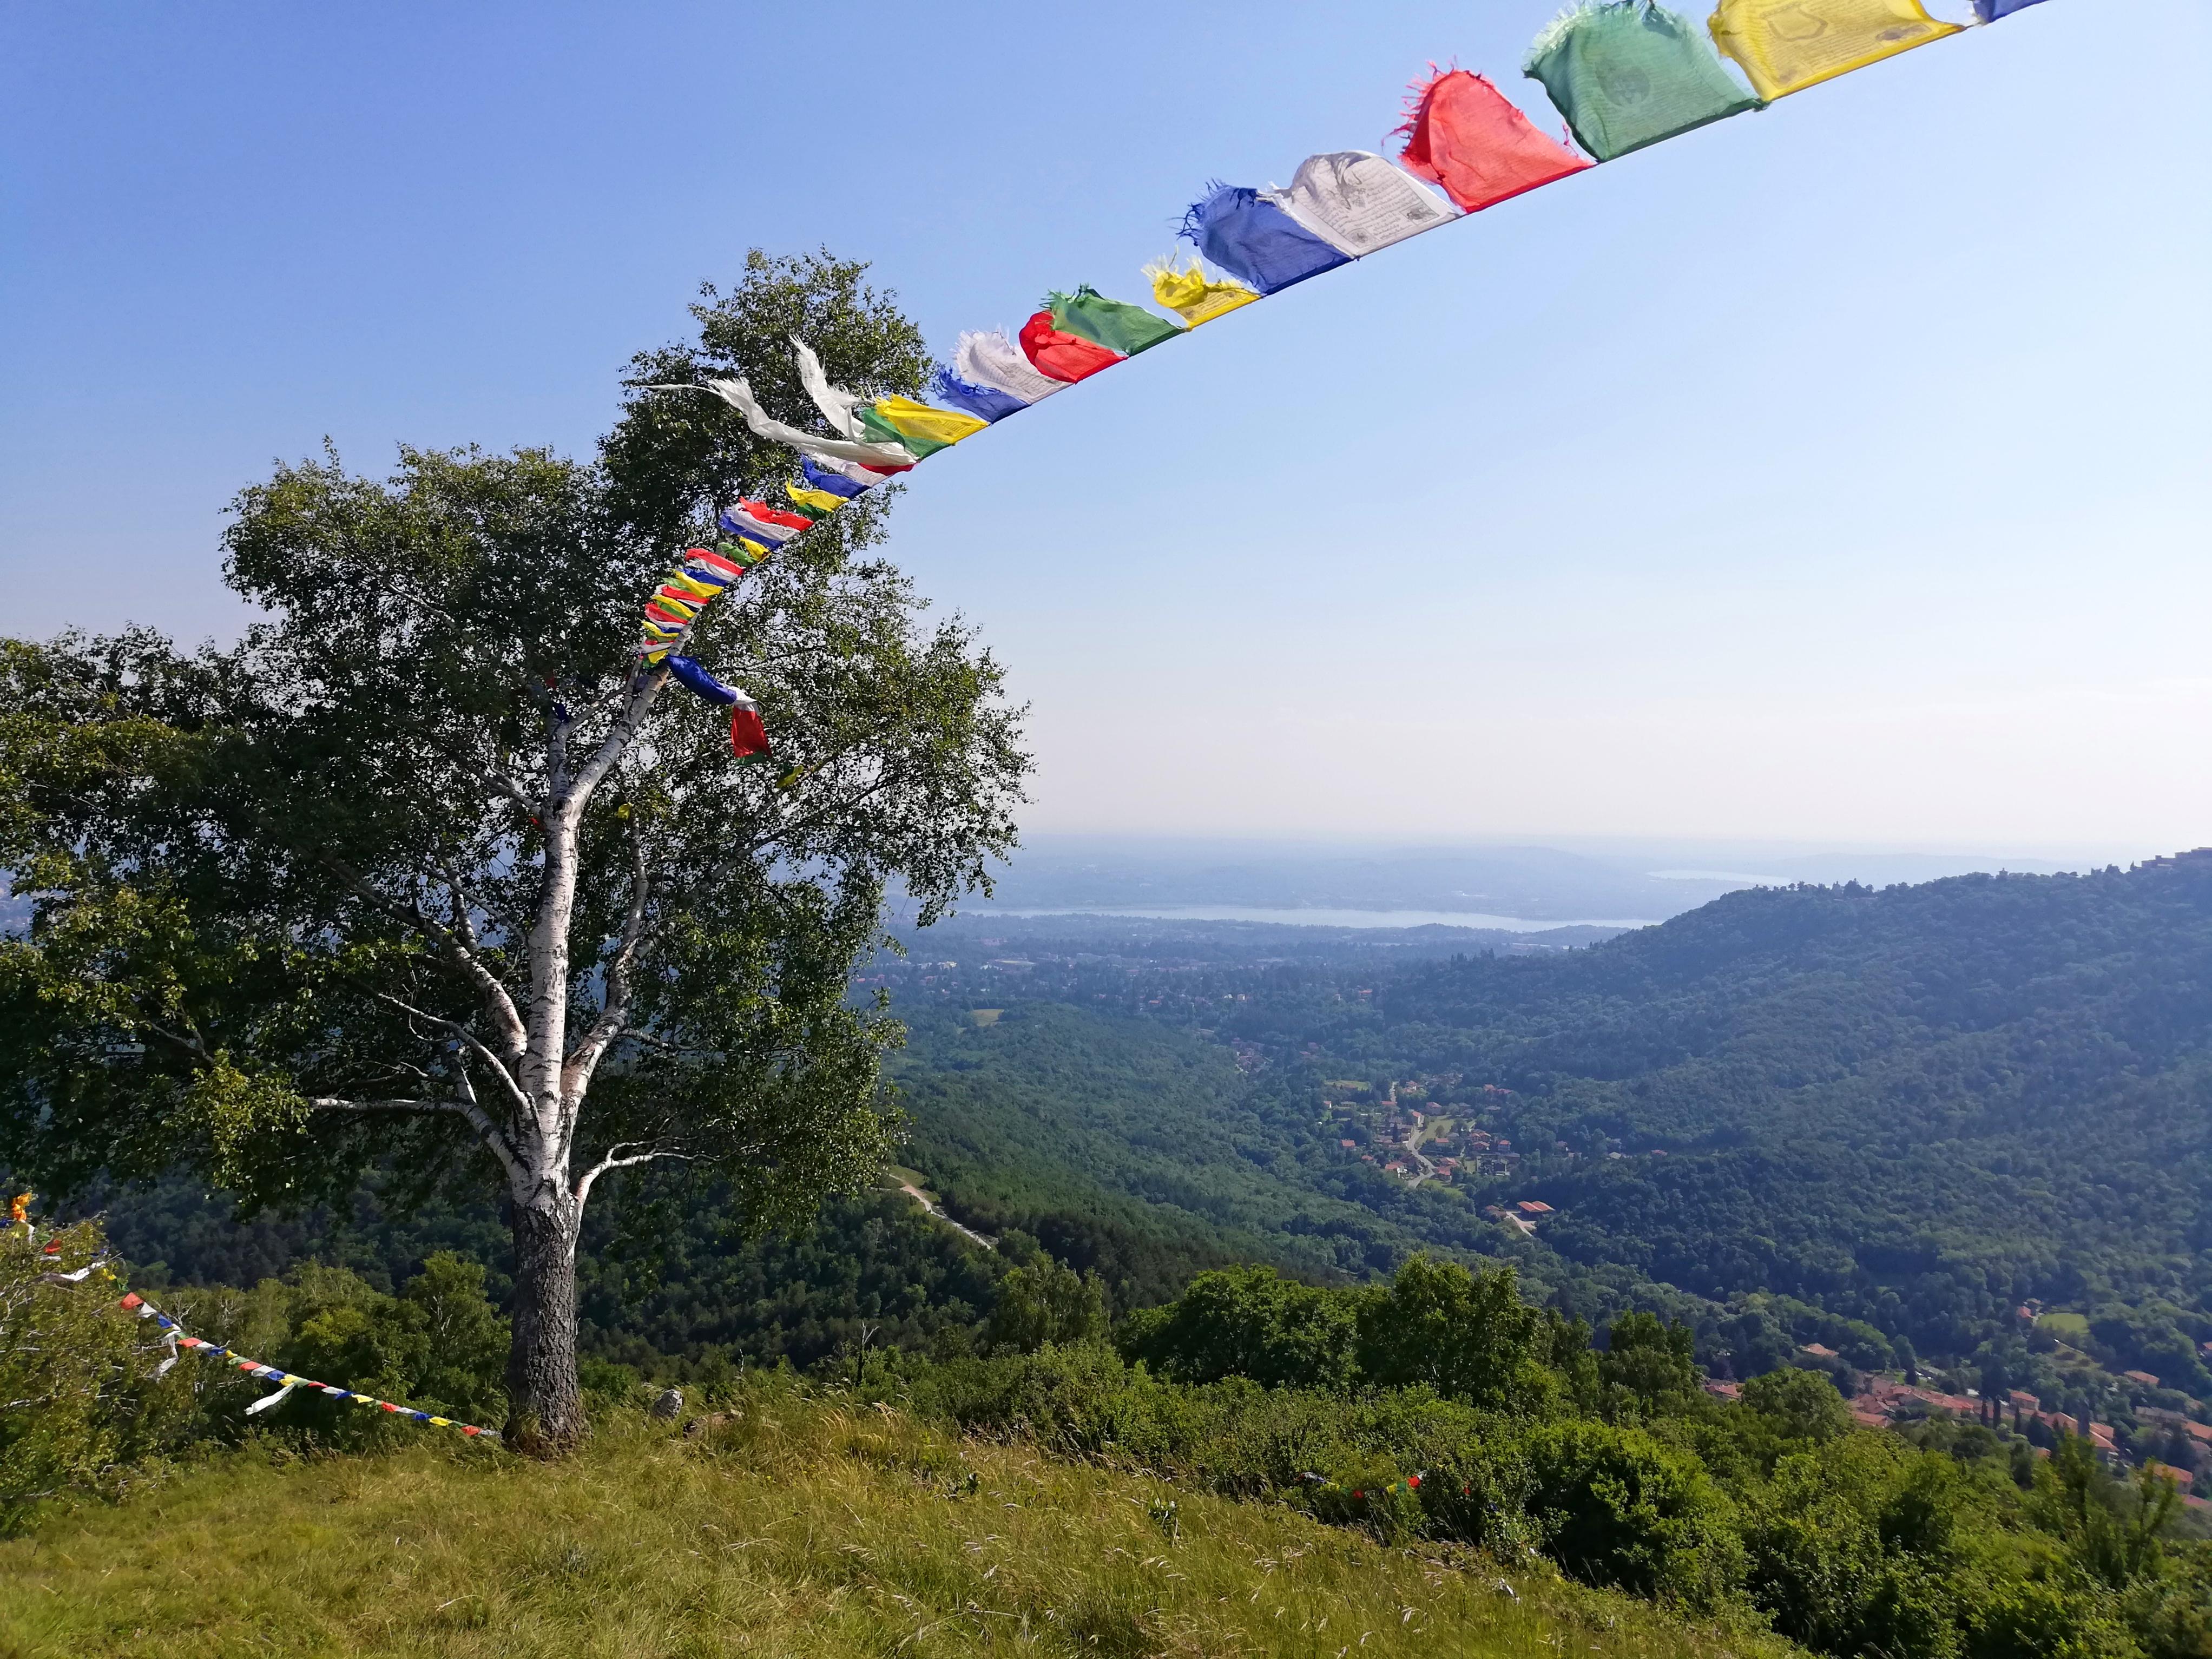 Monte Chiusarella Parco regionale Campo dei Fiori escursioni varese